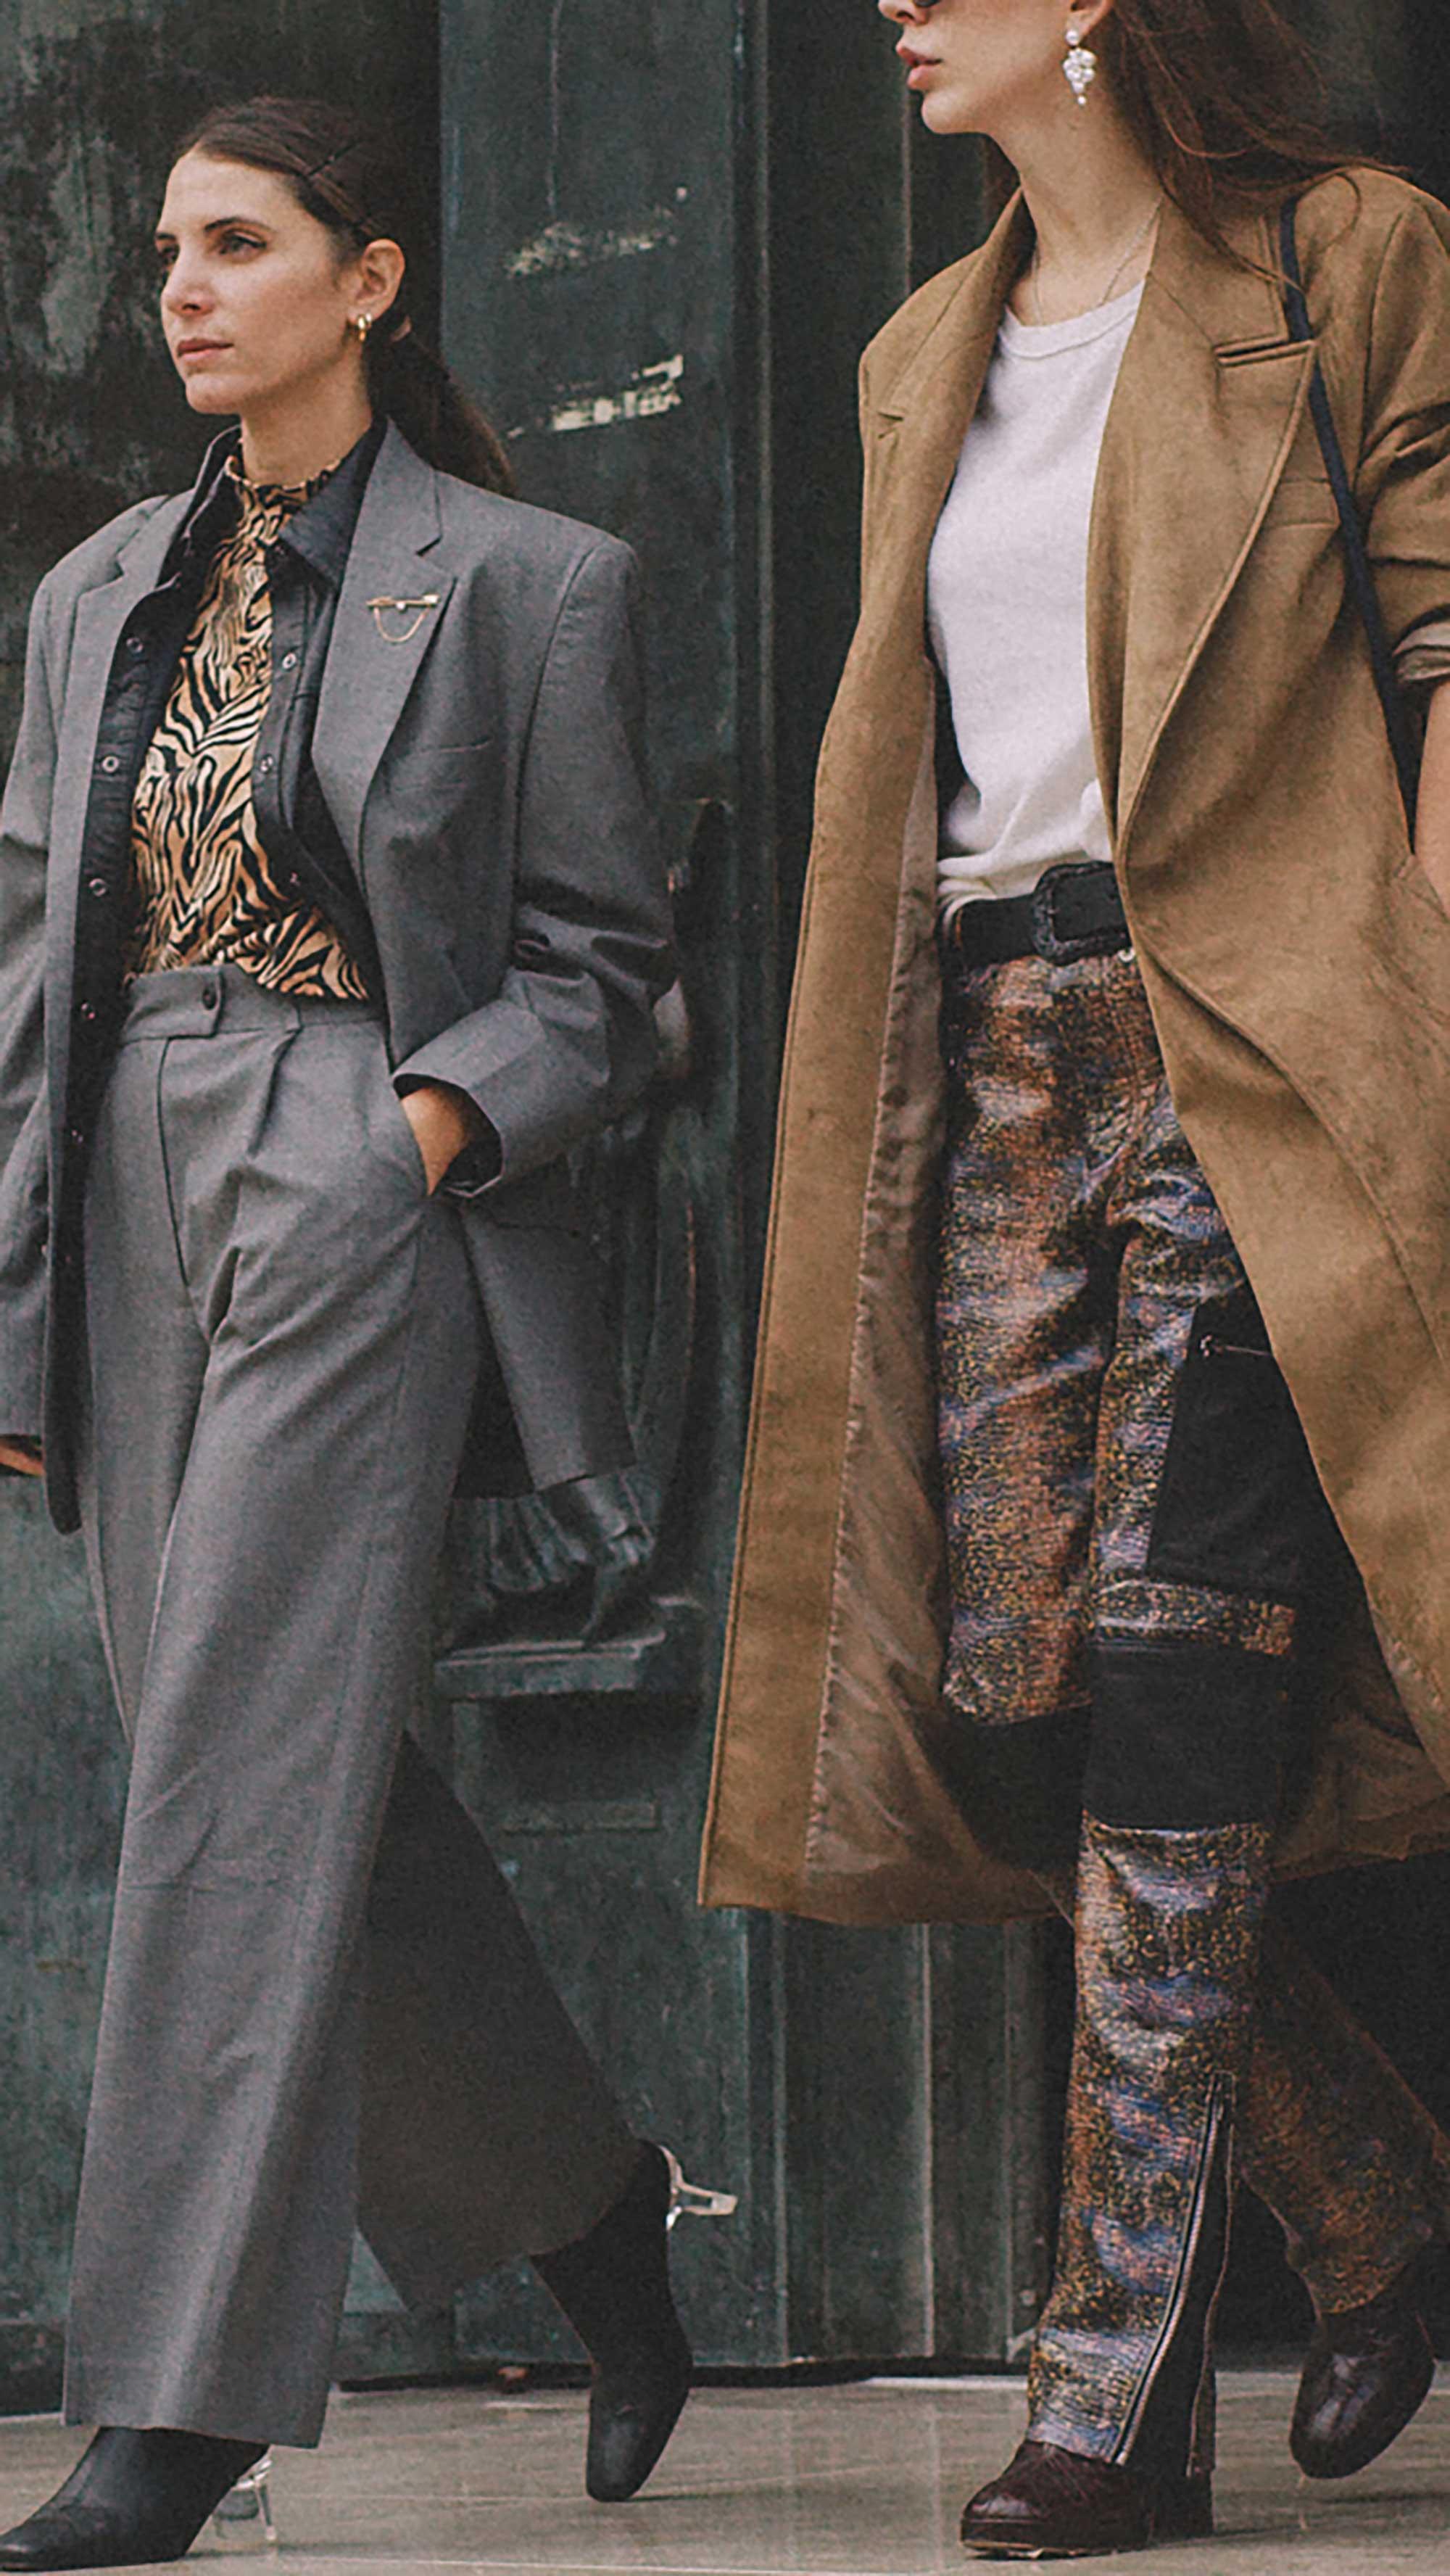 Best outfits of Paris Fashion Week street style 2019 day four PFW SS20 Photo by @J2martinez Jose J. Martinez -13.jpg